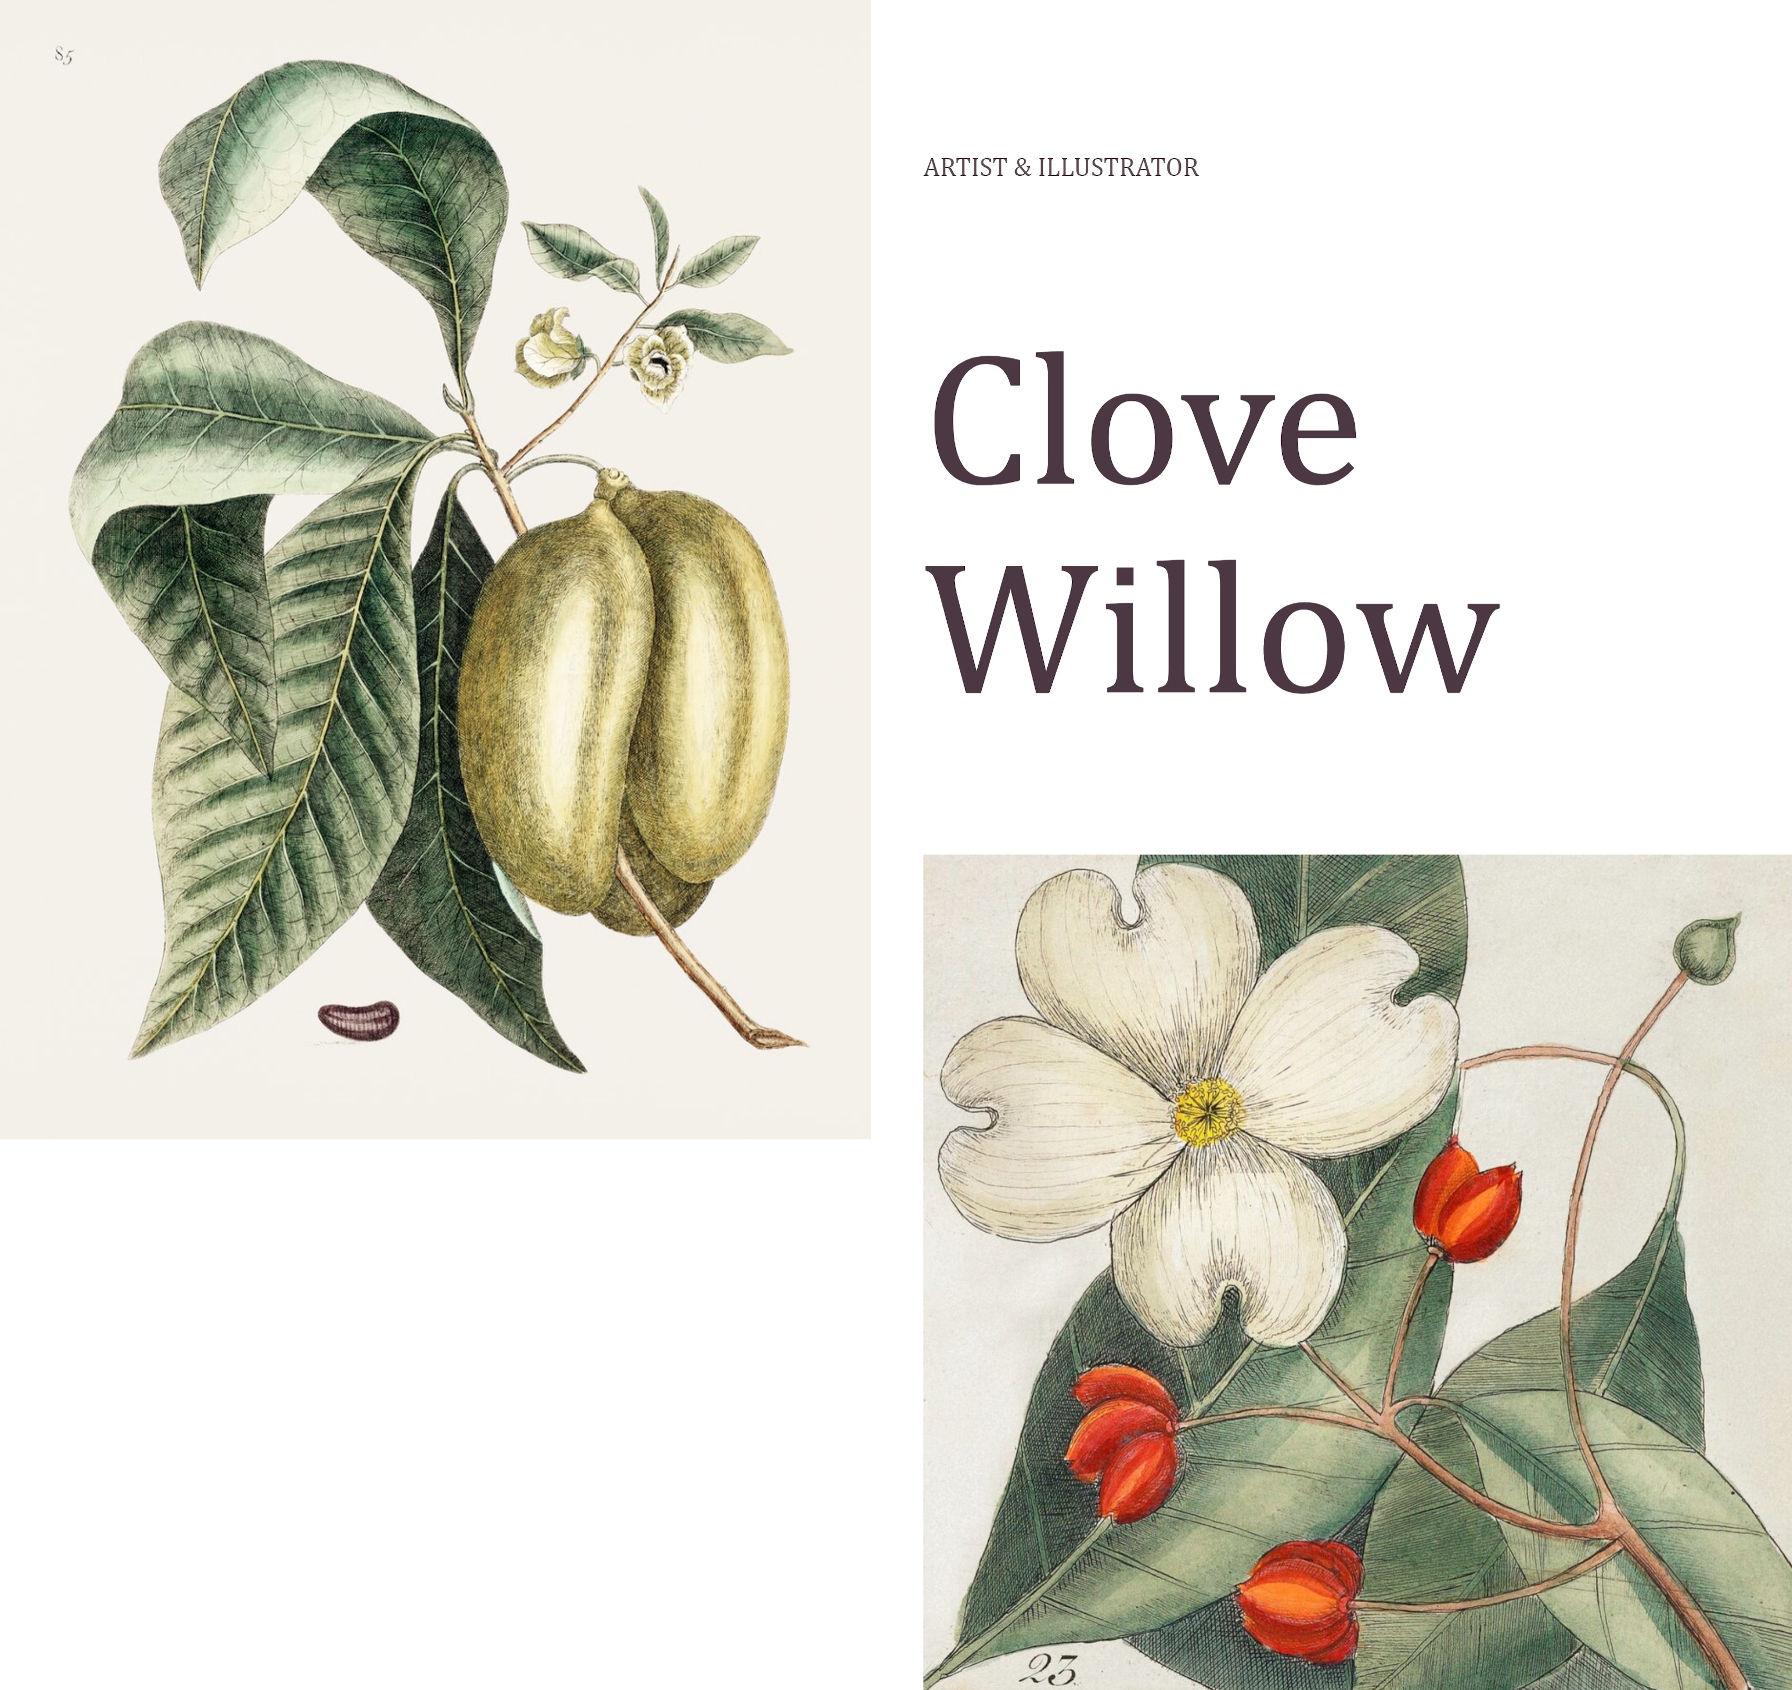 Sezione di introduzione della pagina con colonne irregolari e due immagini basate sulla natura.